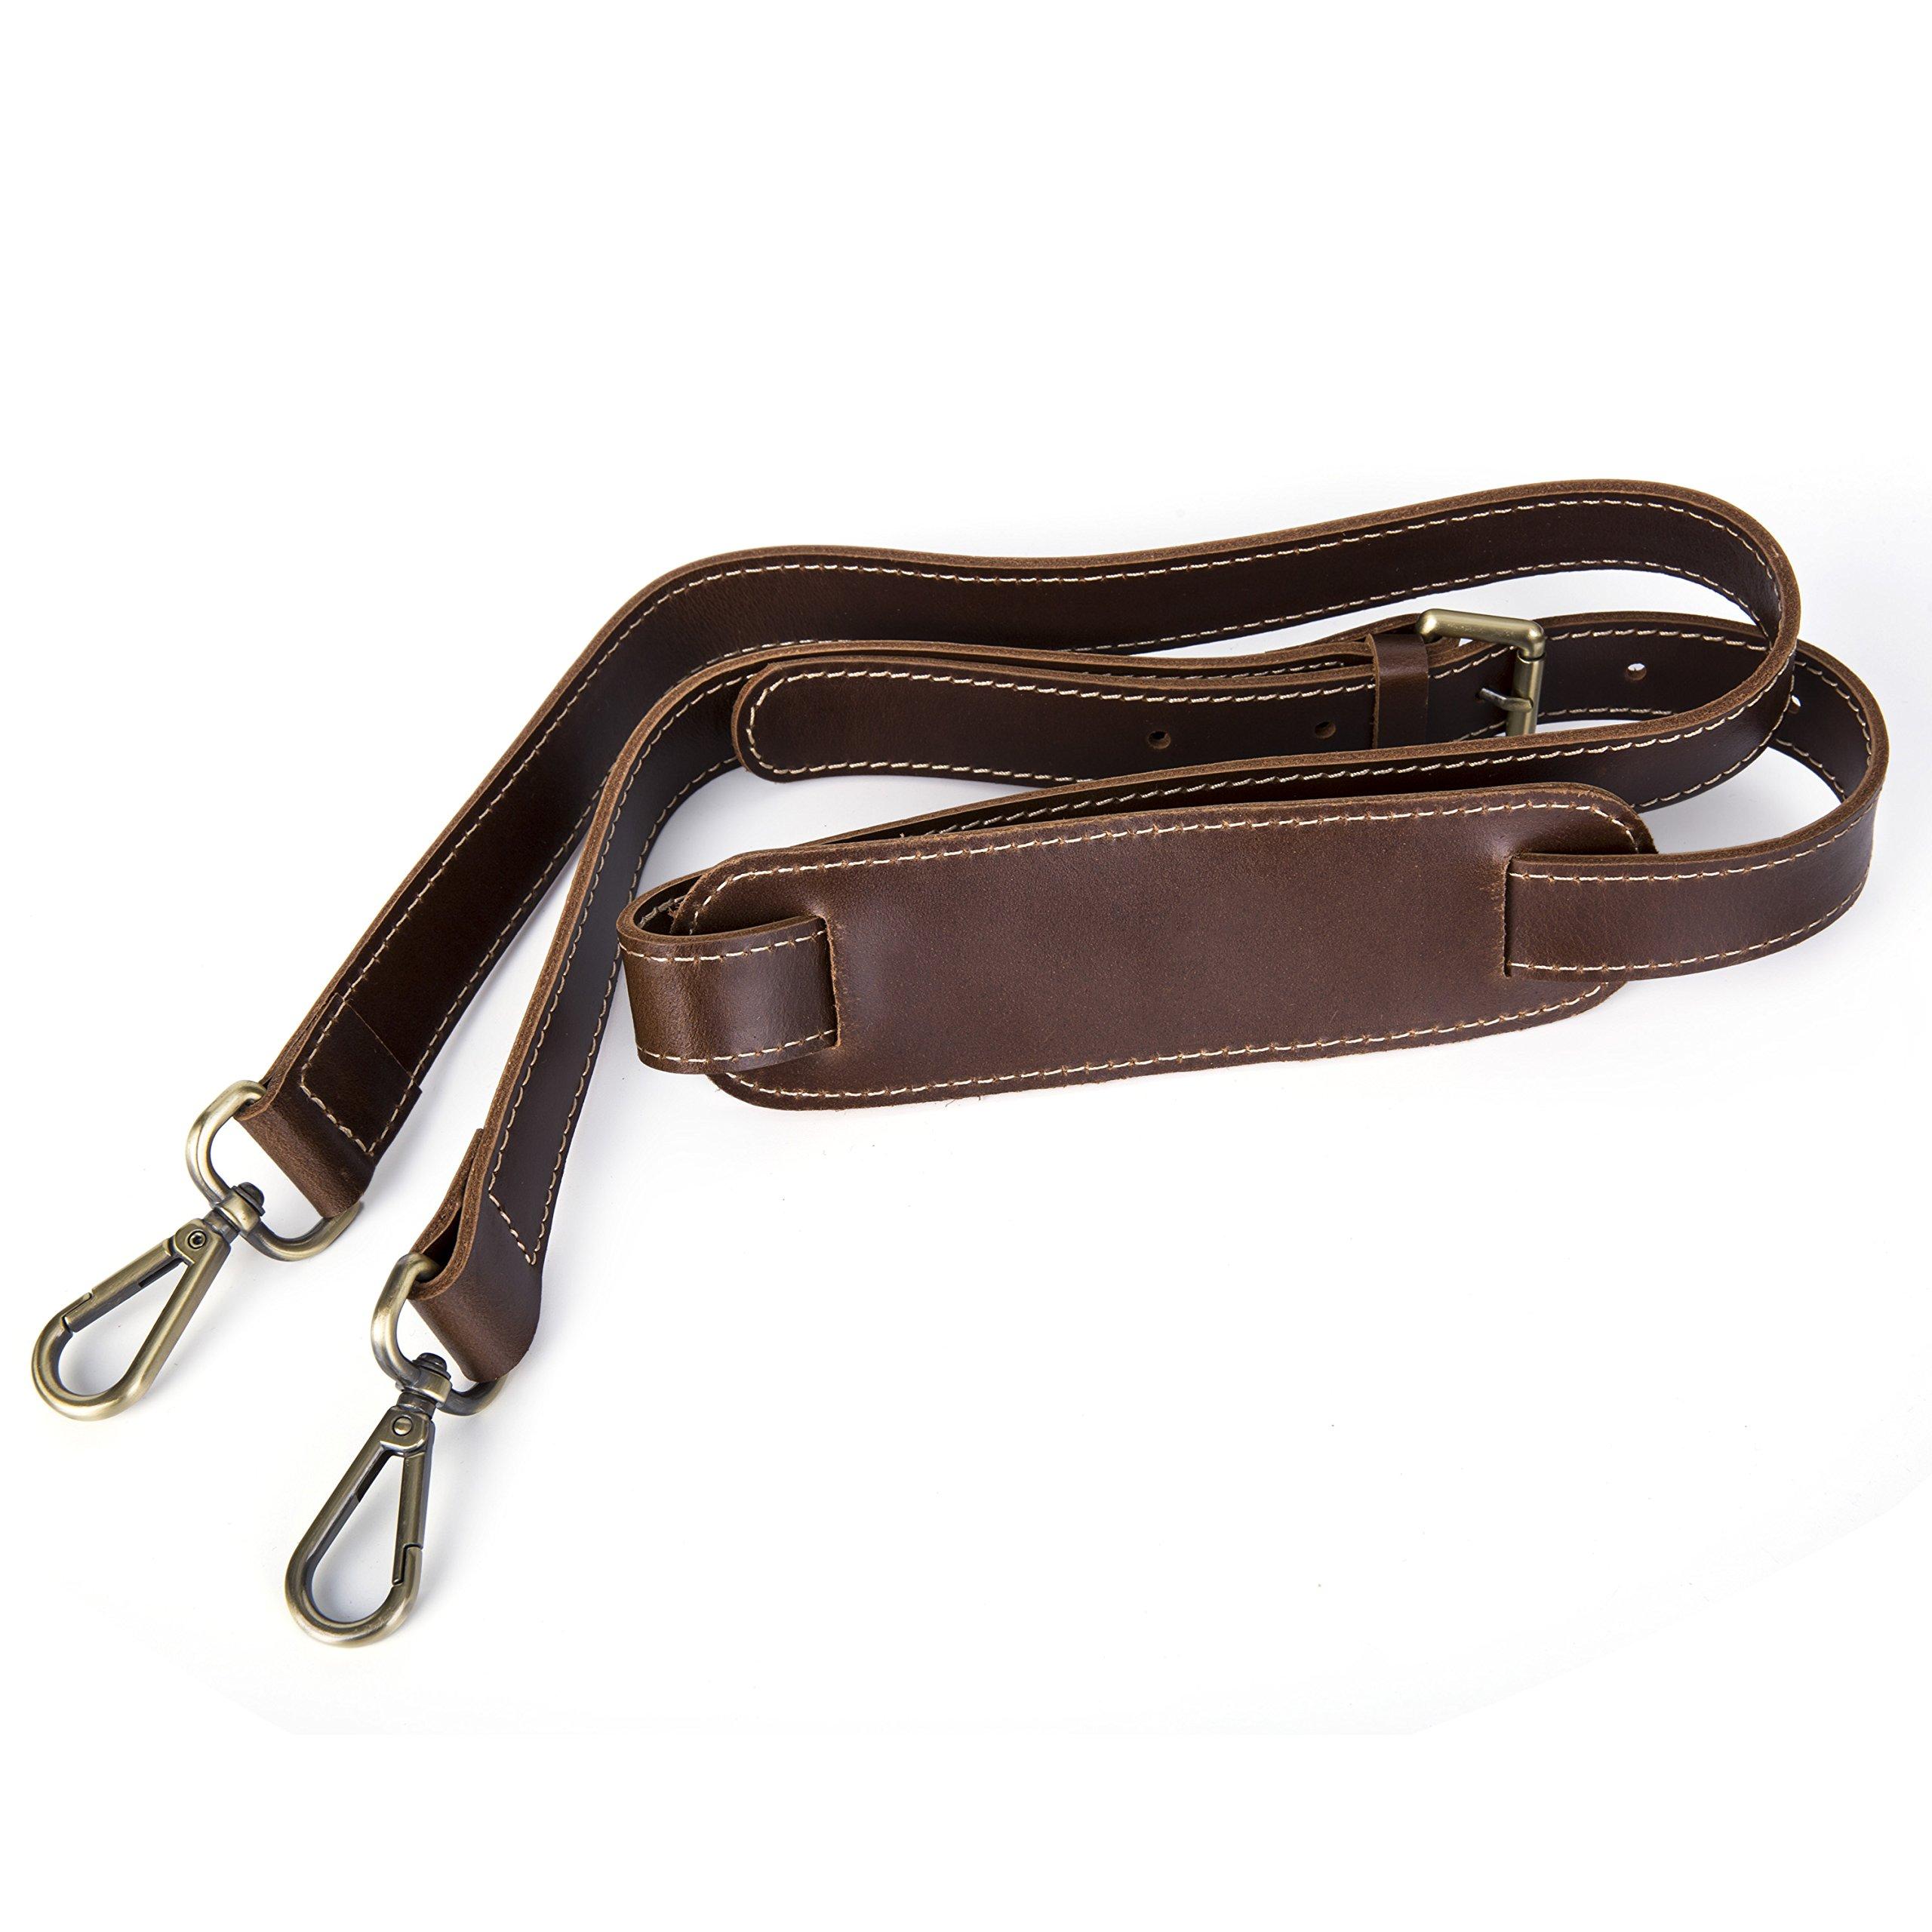 Leather Shoulder Strap BOMKEE 61 Inch Universal Replacement Adjustable with Metal Swivel Hooks for Shoulder Crossbody Bag Briefcase Messenger Bag Wallet Purse Shoulder Bag Handbag Straps Brown